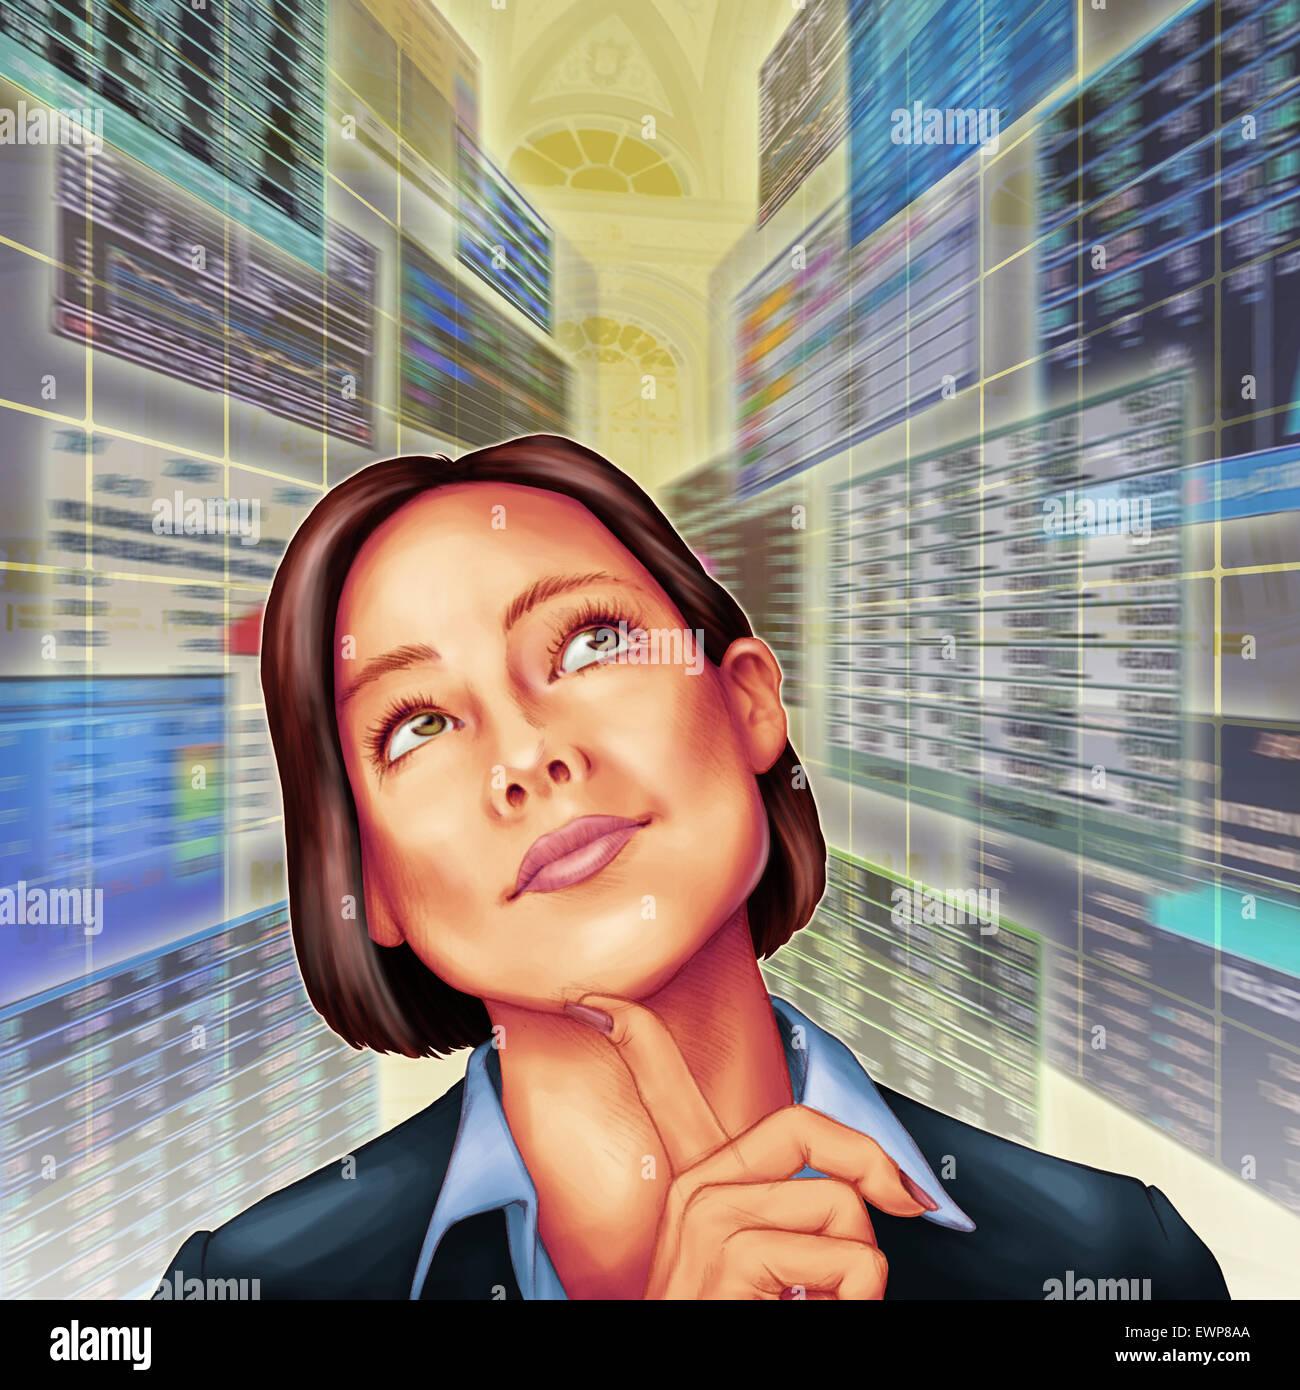 Immagine illustrativa di imprenditore giorno di sognare in sala server Immagini Stock